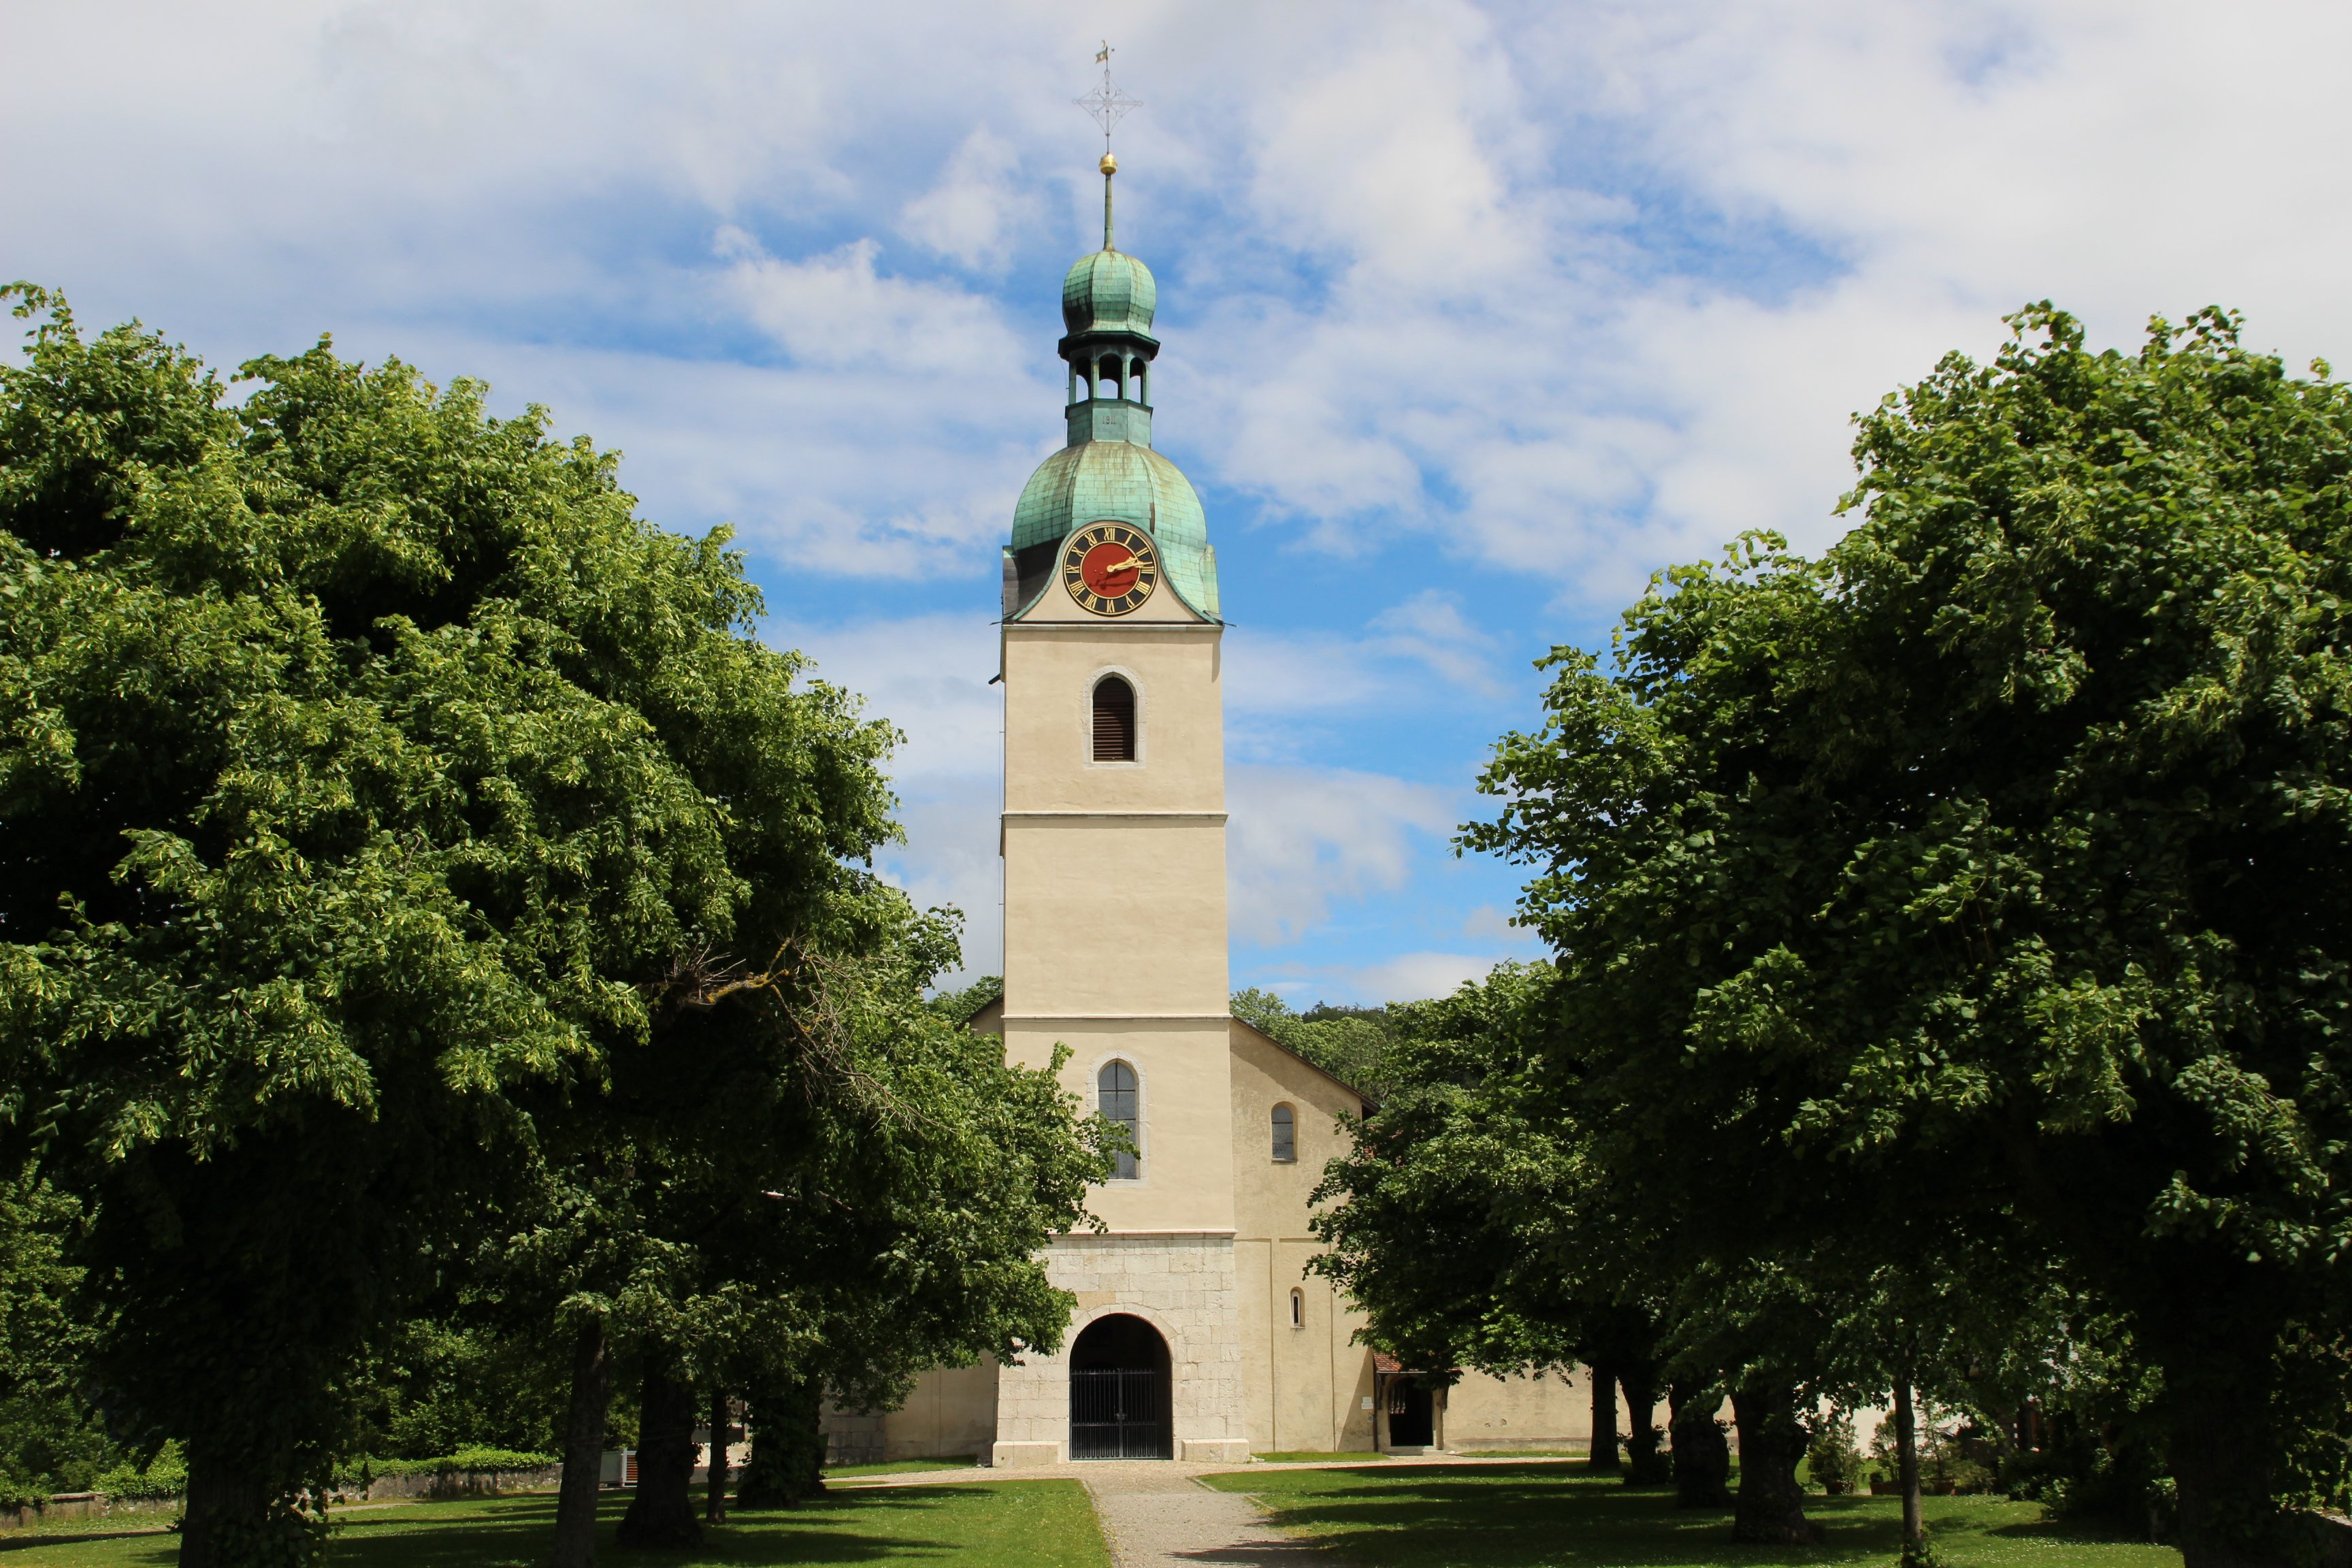 Stiftskirche St. Leodegar in Schönenwerd